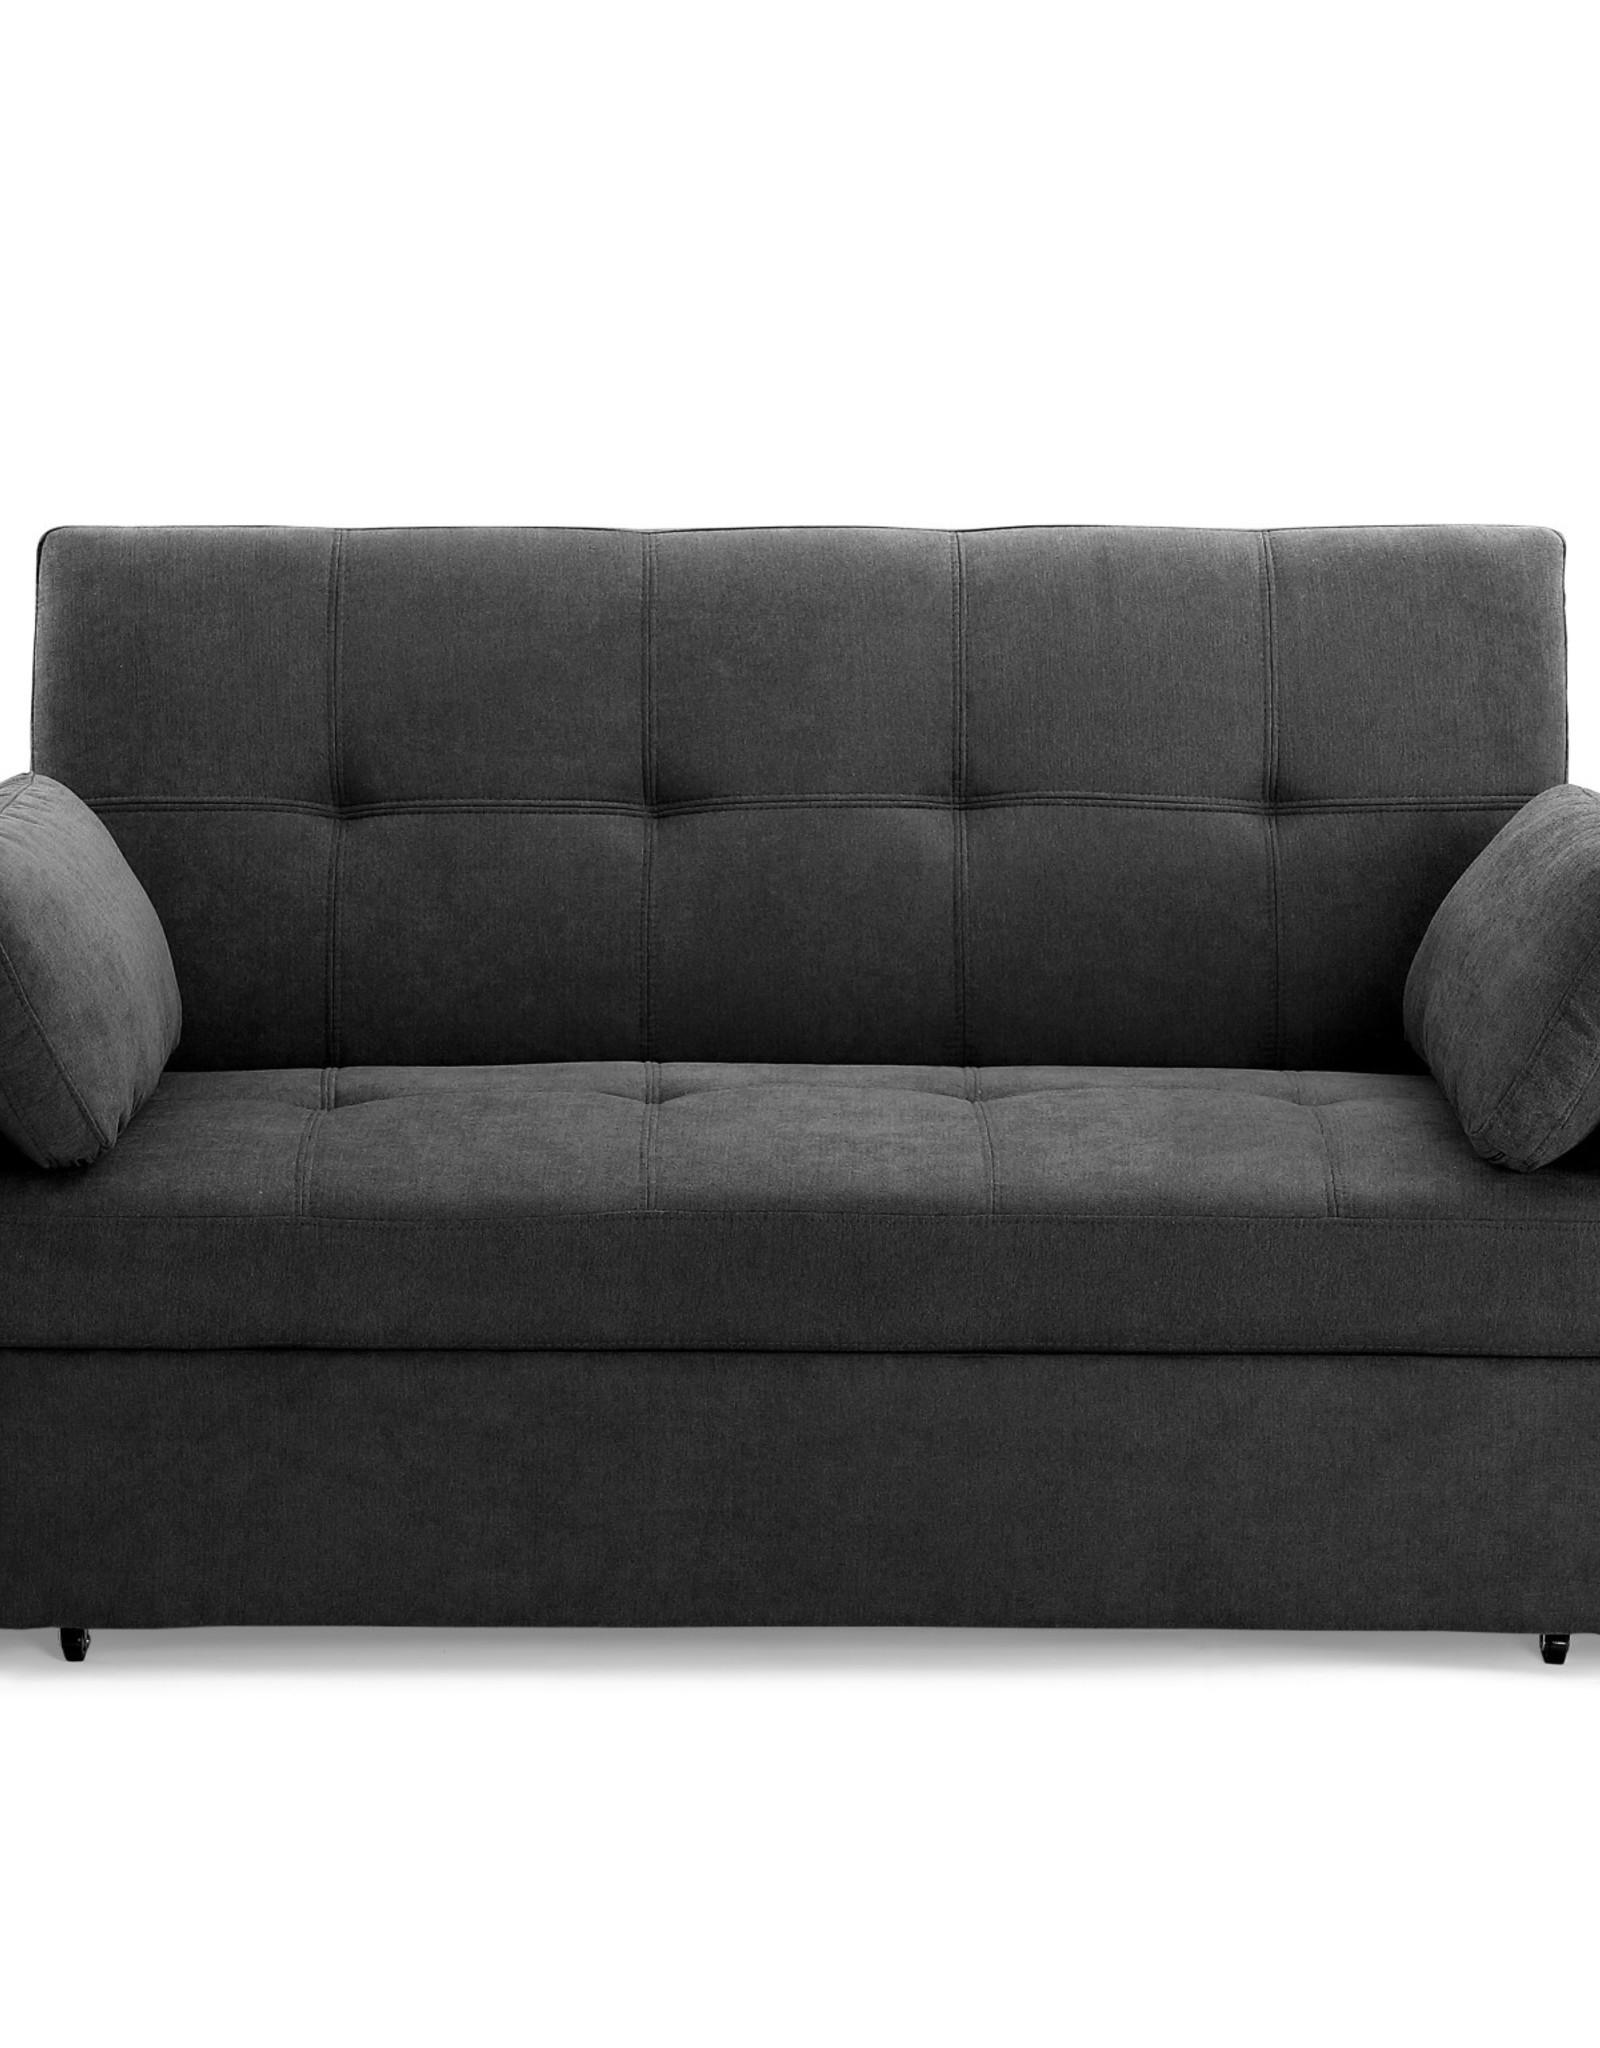 Nantucket Queen Sofa Bed